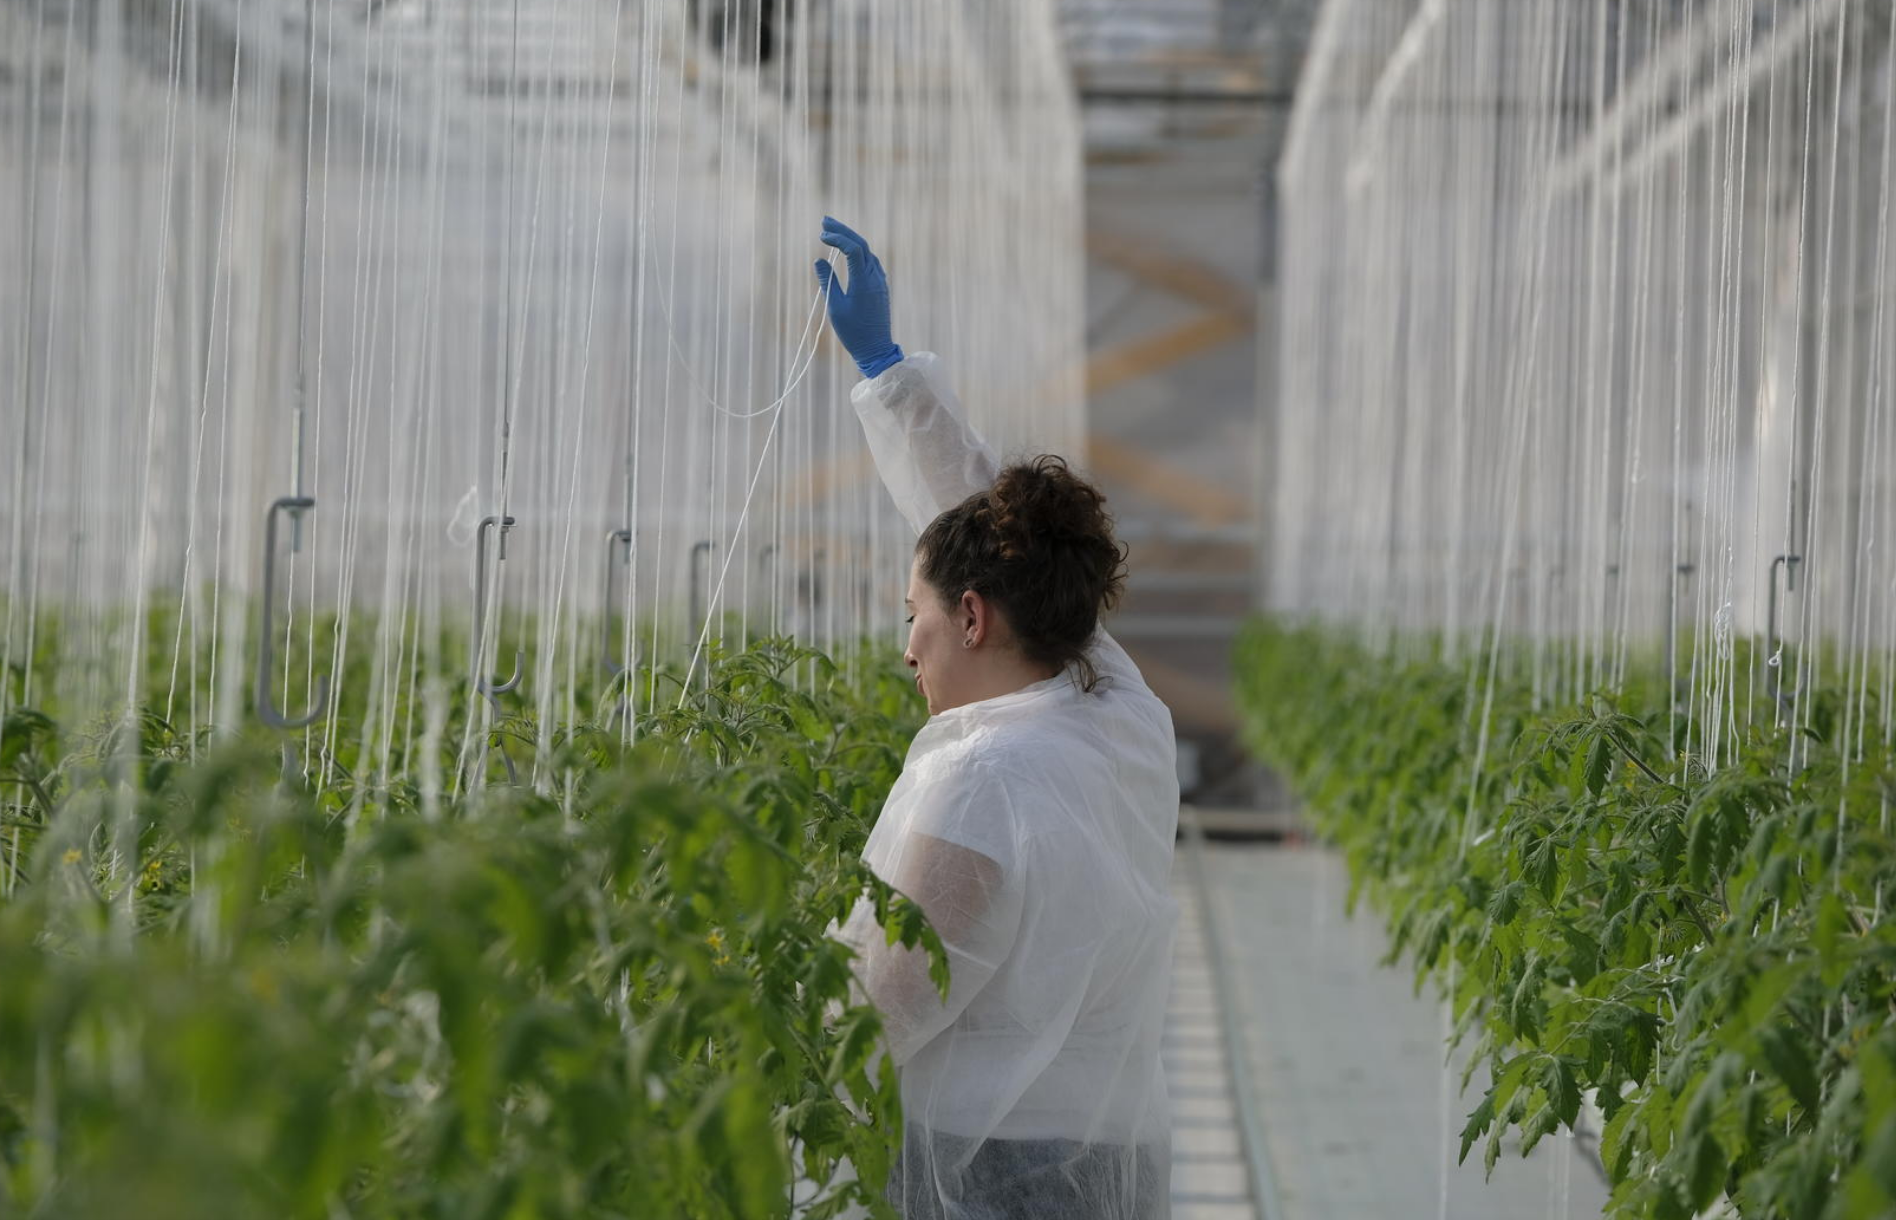 Agricoltura. Nella sua Serra Attiva, Sfera Agricola coltiva pomodori, insalate ed erbe aromatiche senza l'uso di fitofarmaci. FOTO: Sfera Agricola.